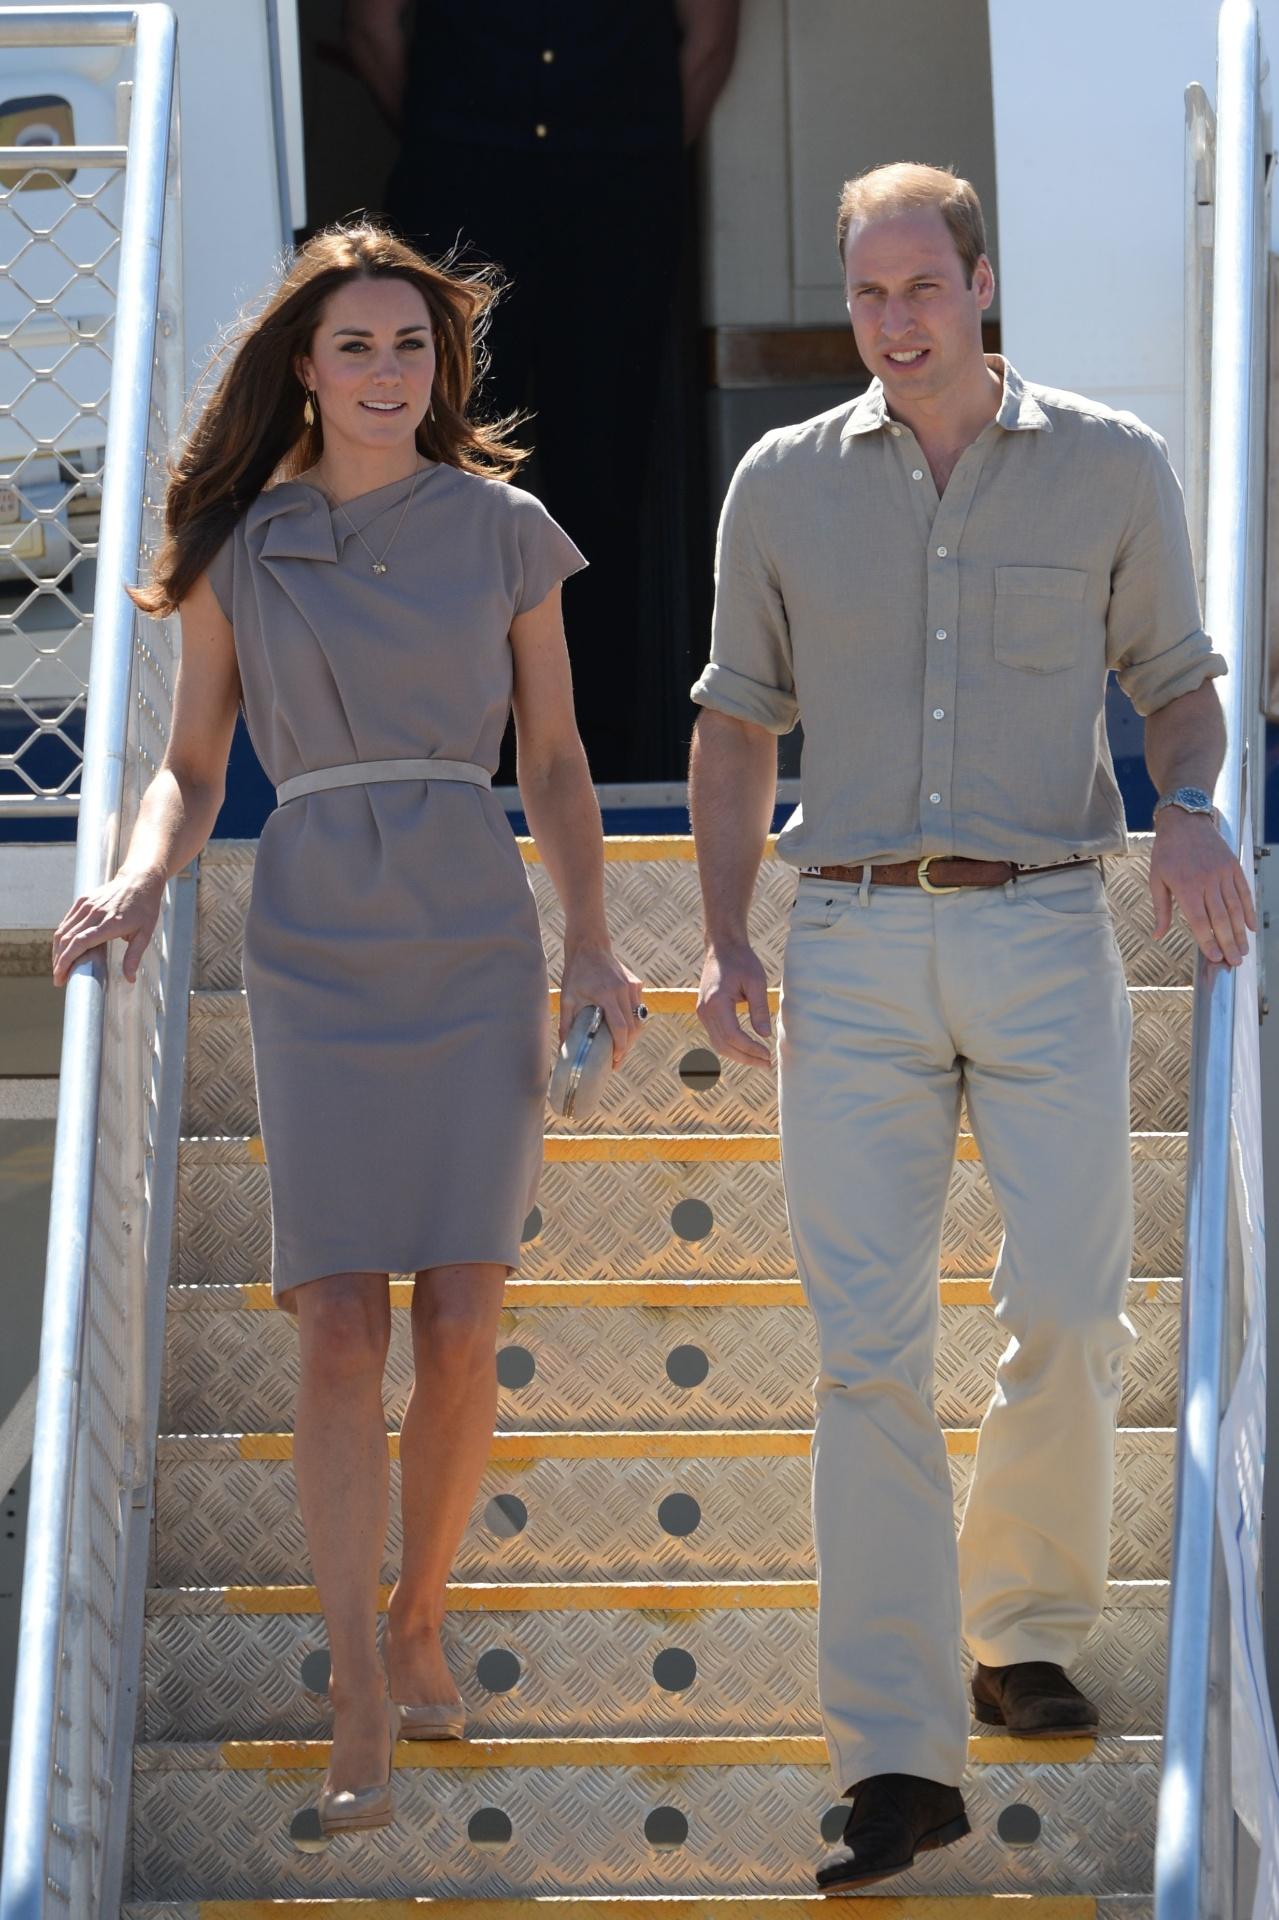 e2038f596 Viagens de avião pedem roupas confortáveis  veja sete dicas essenciais -  26 06 2014 - UOL Universa